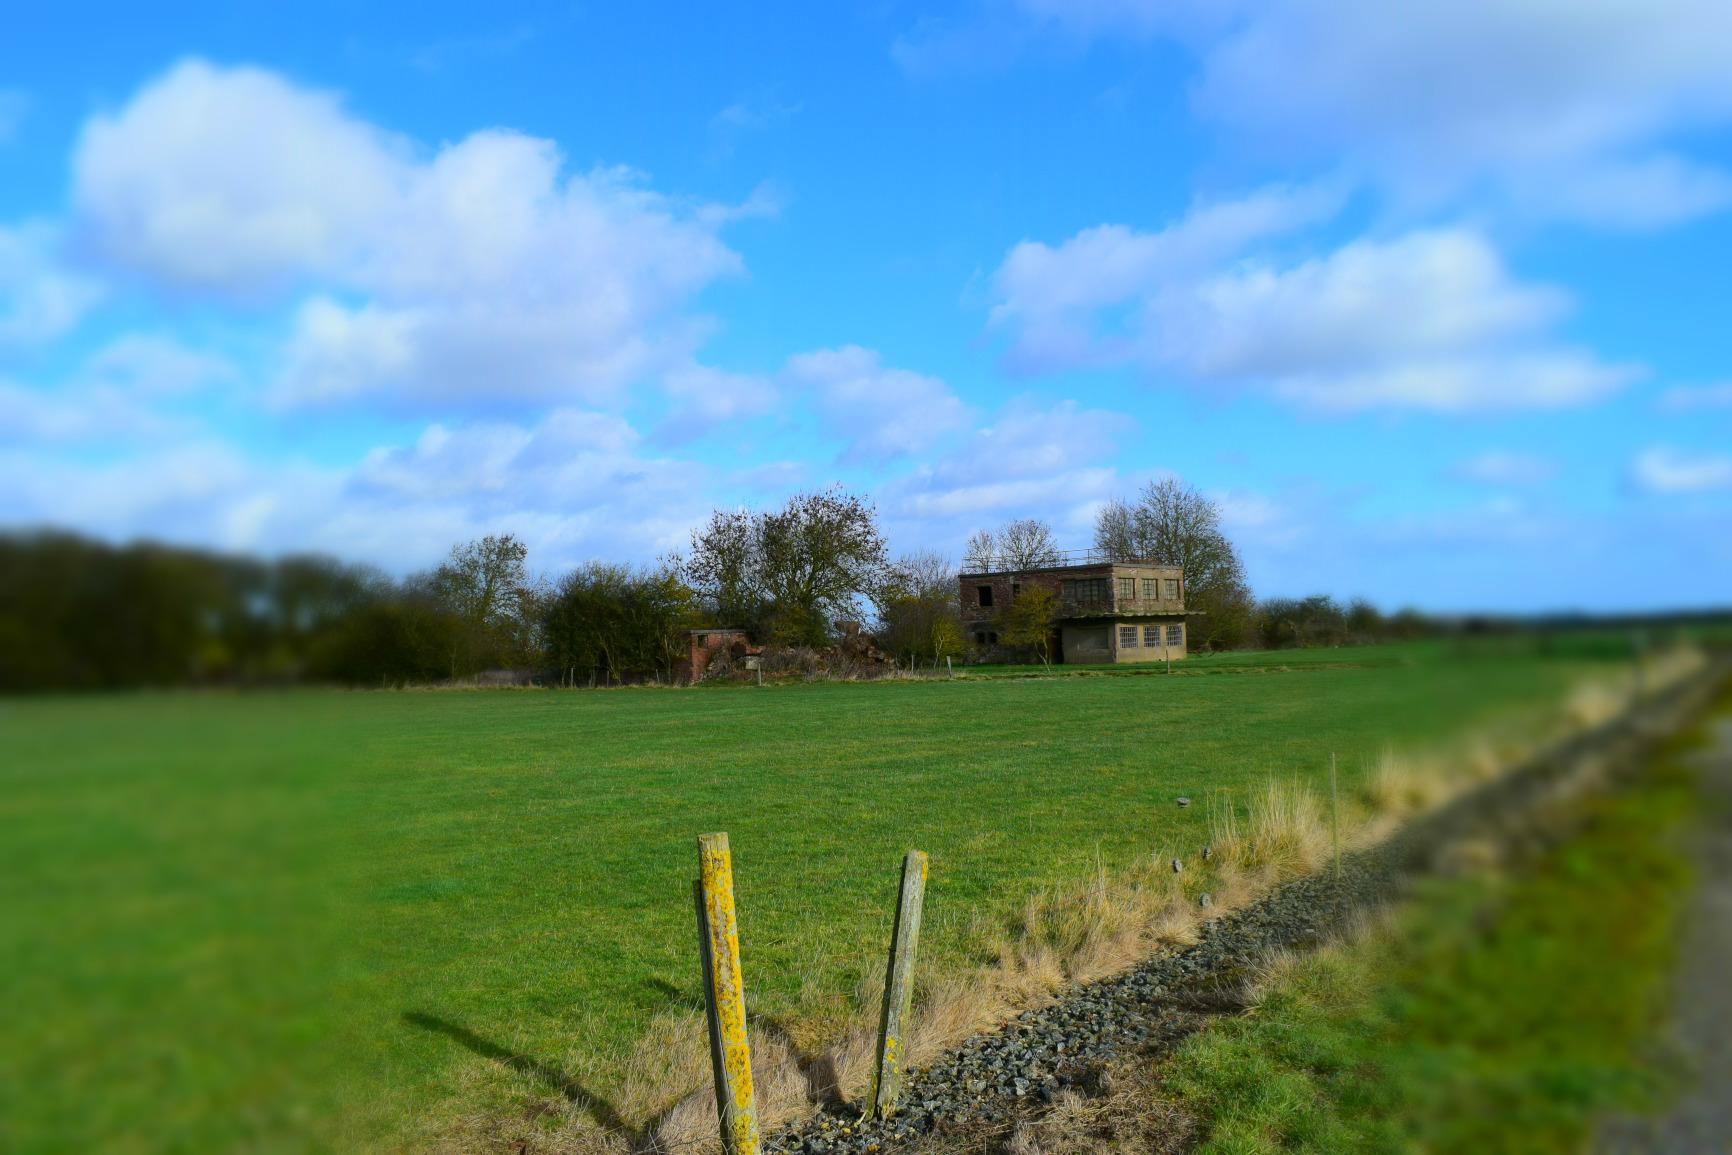 RAF Woolfox Lodge control tower, Greetham, Rutland.